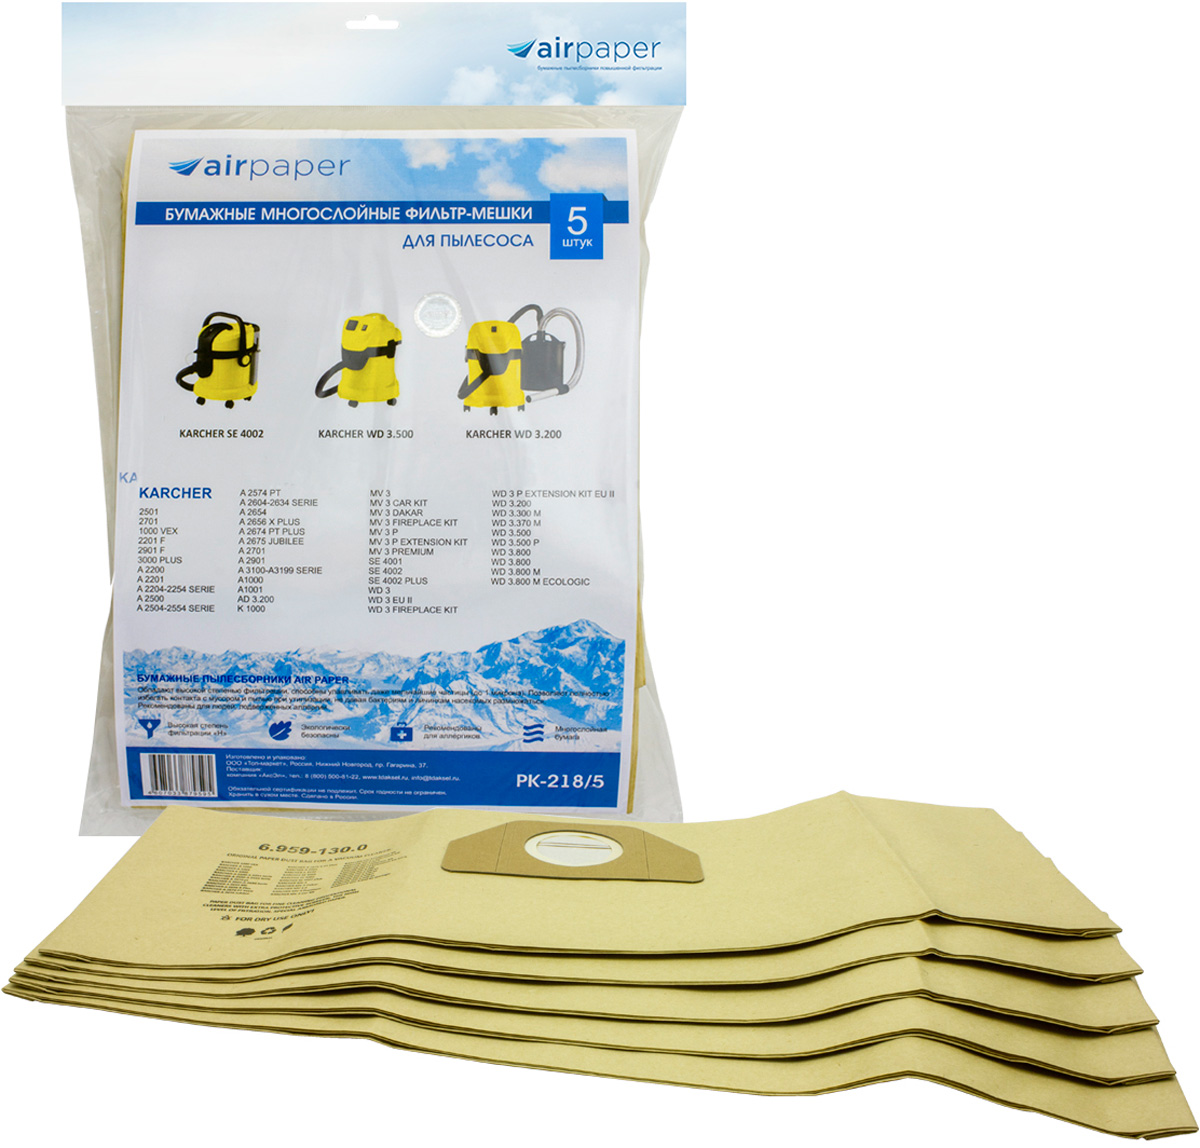 AIR Paper РК-218/5 пылесборники для пылесоса KARCHER, 5 шт мешки для пылесоса metabo asa 1202 32 л 5 шт